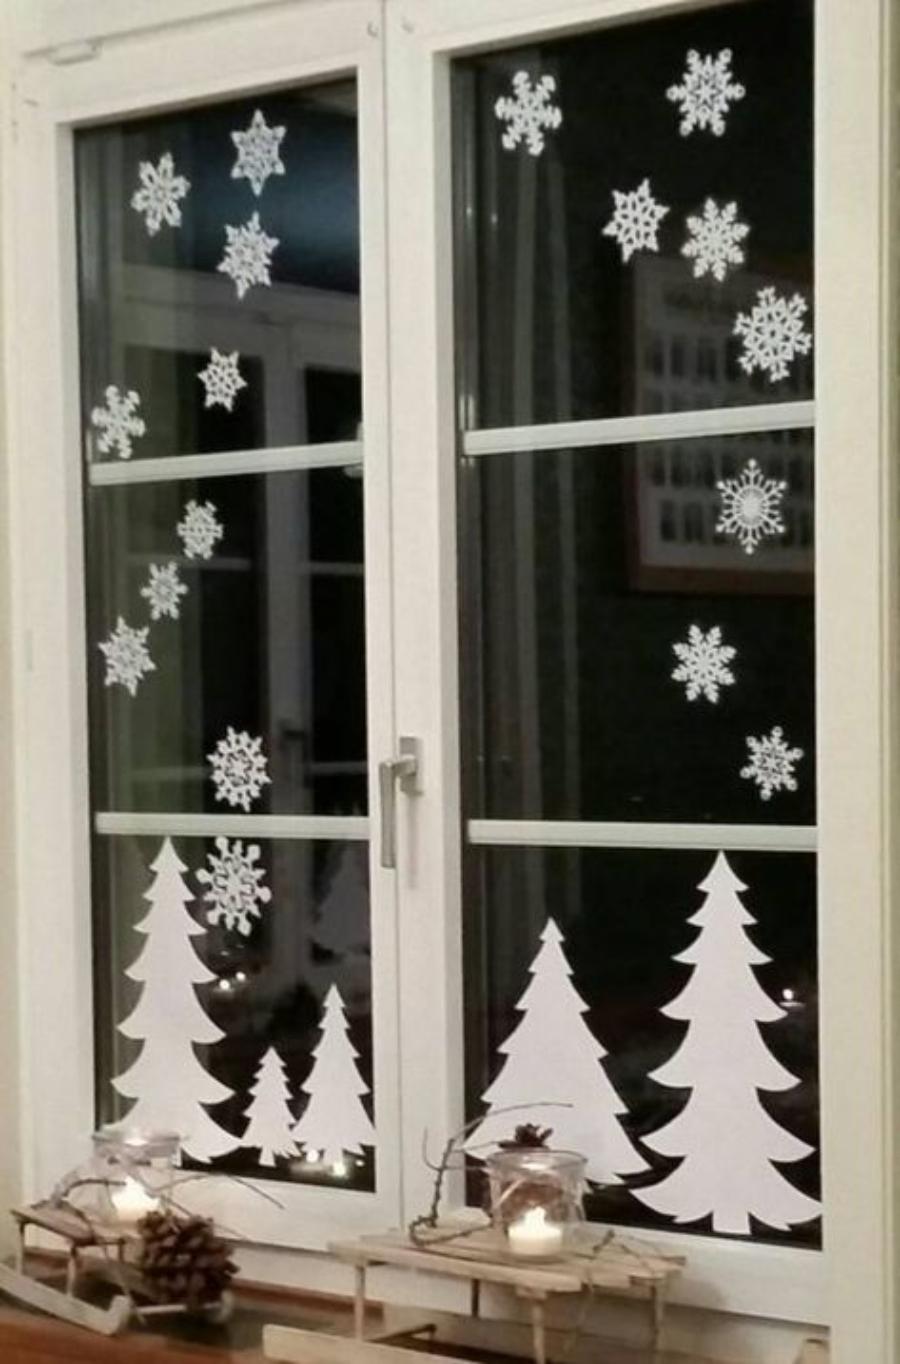 decoraciones navideñas para ventanas con plumón